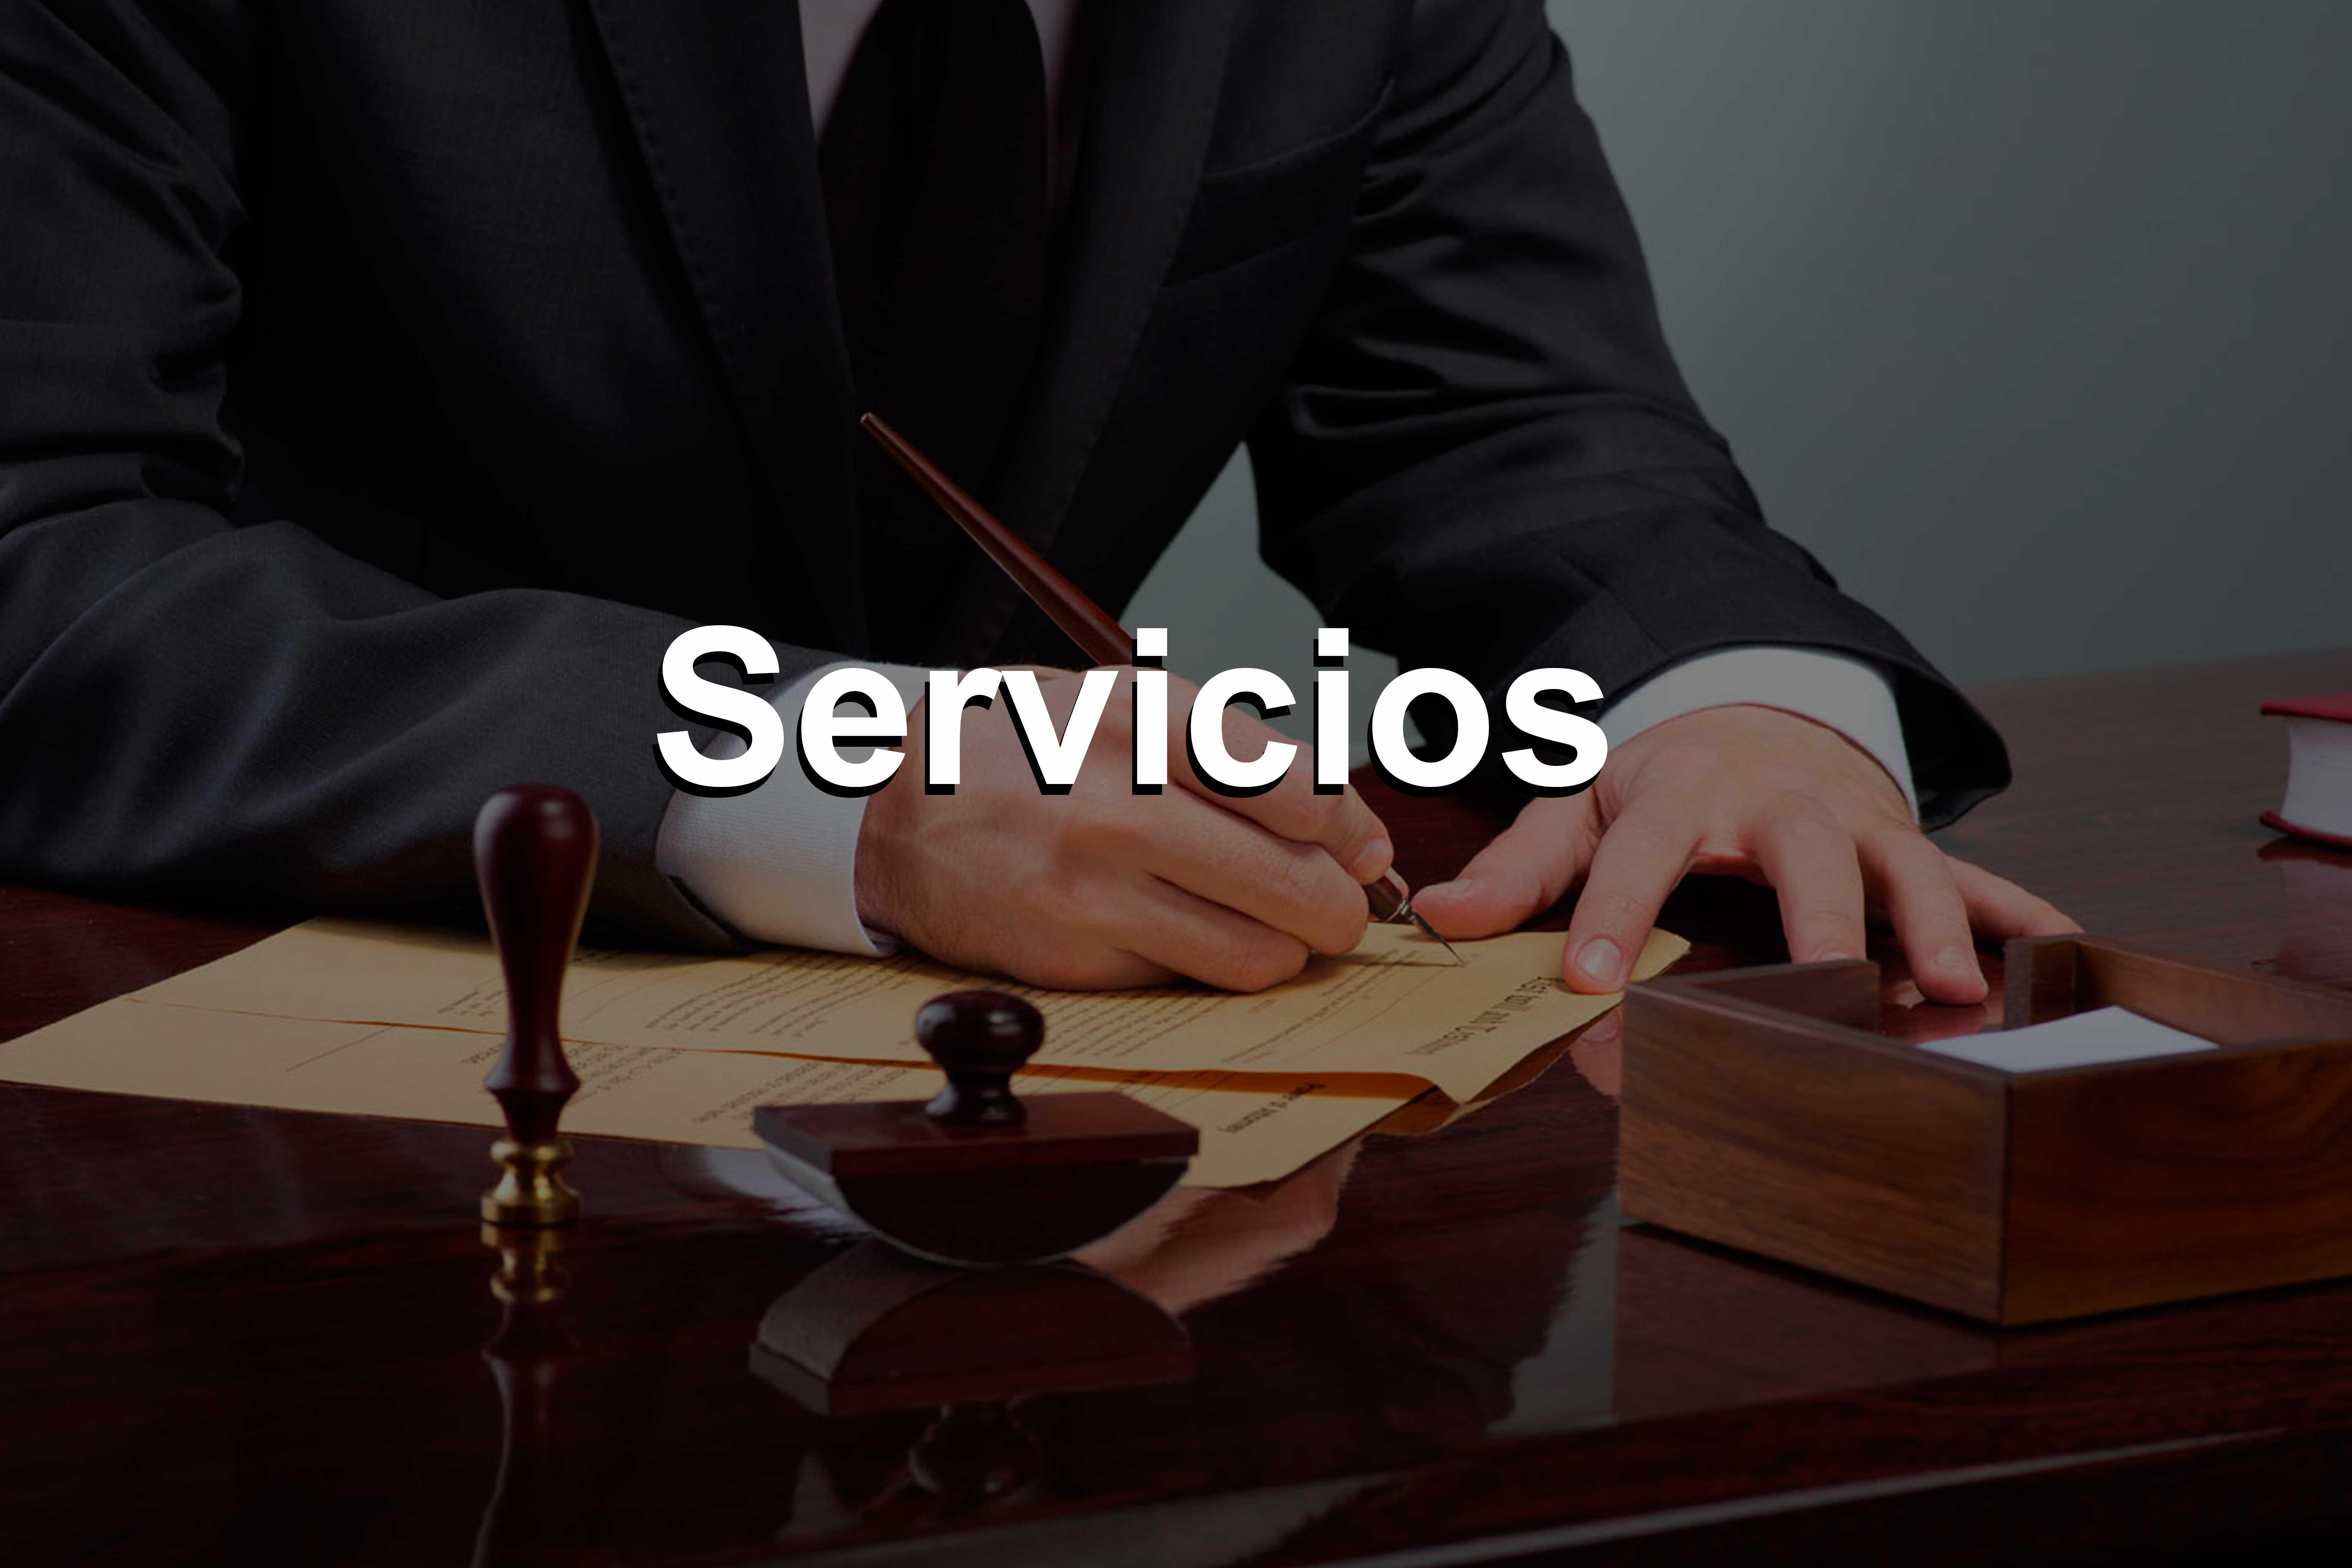 escalona-servicios